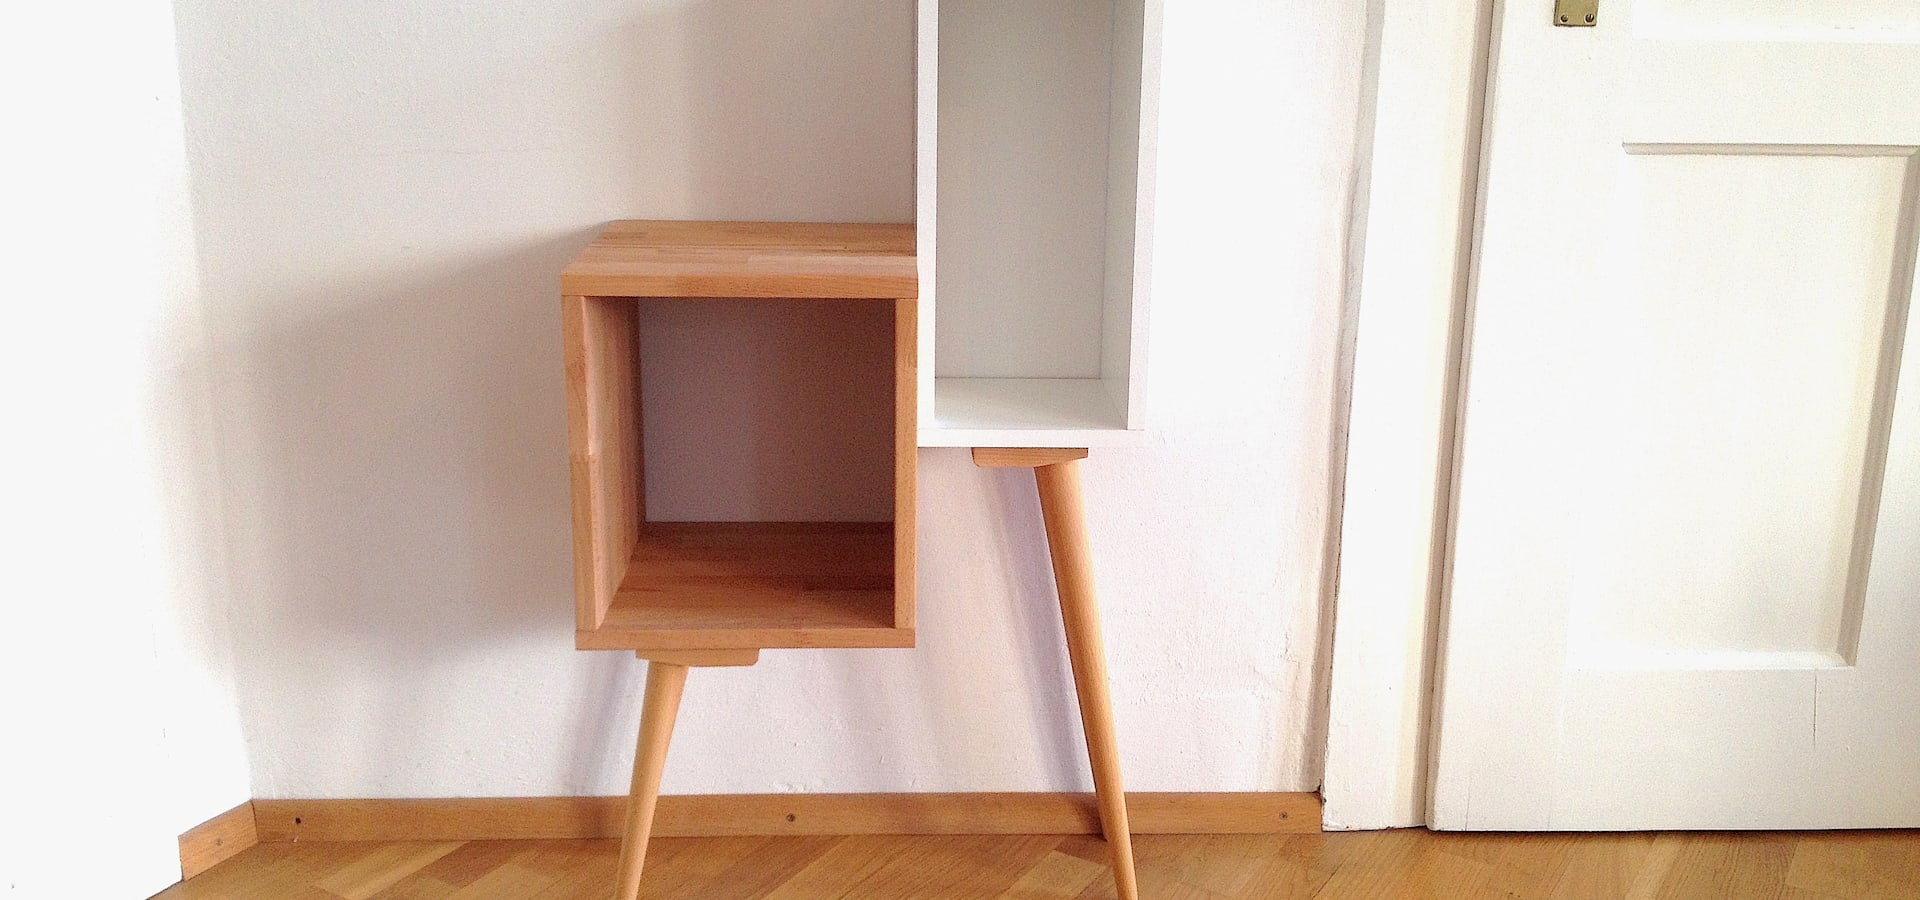 Faszinierend Sideboard Buche Weiß Dekoration Von Raavens